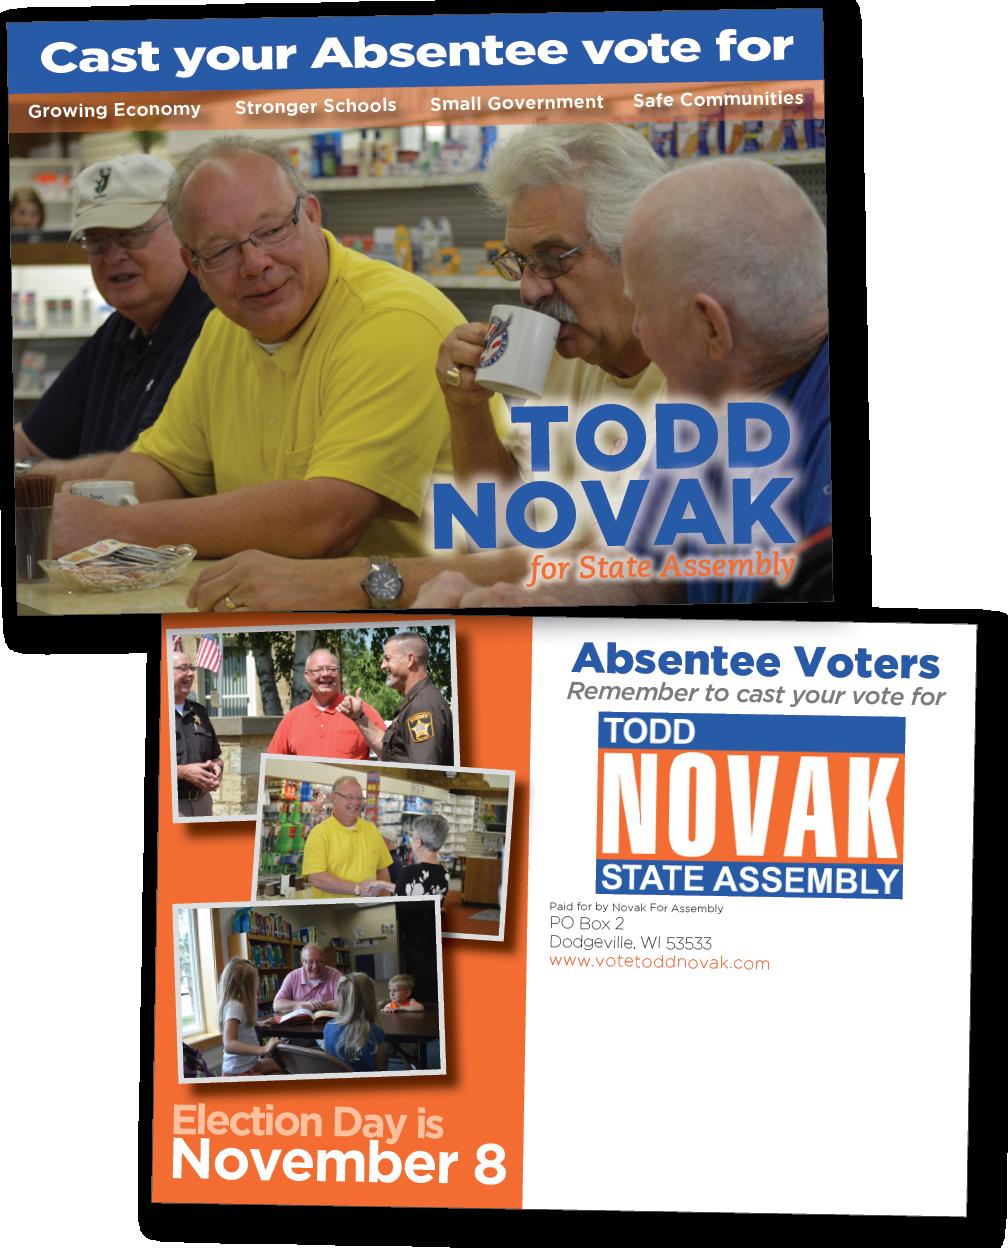 Novak absentee